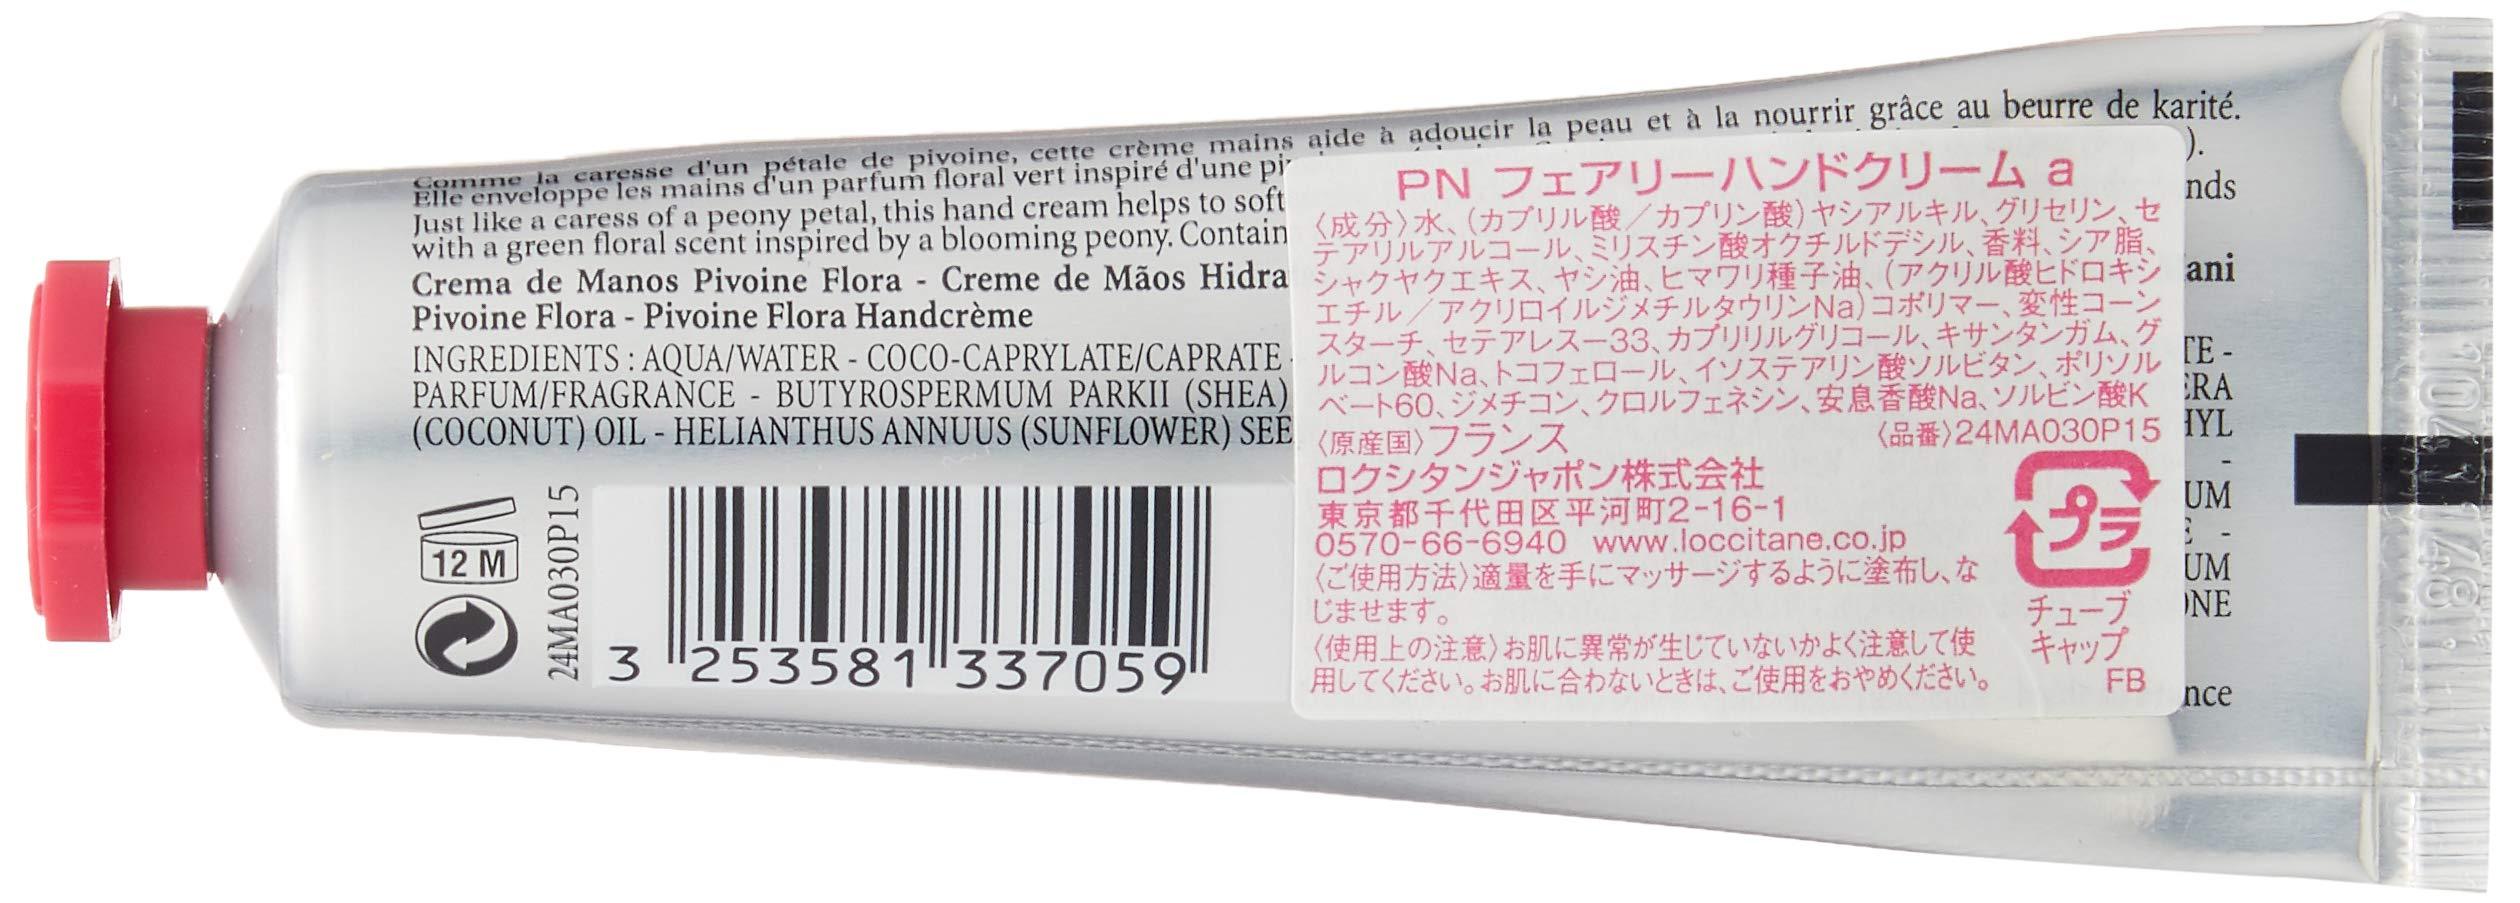 Crema de manos pivoine flora – 30 ml – l'occitane.